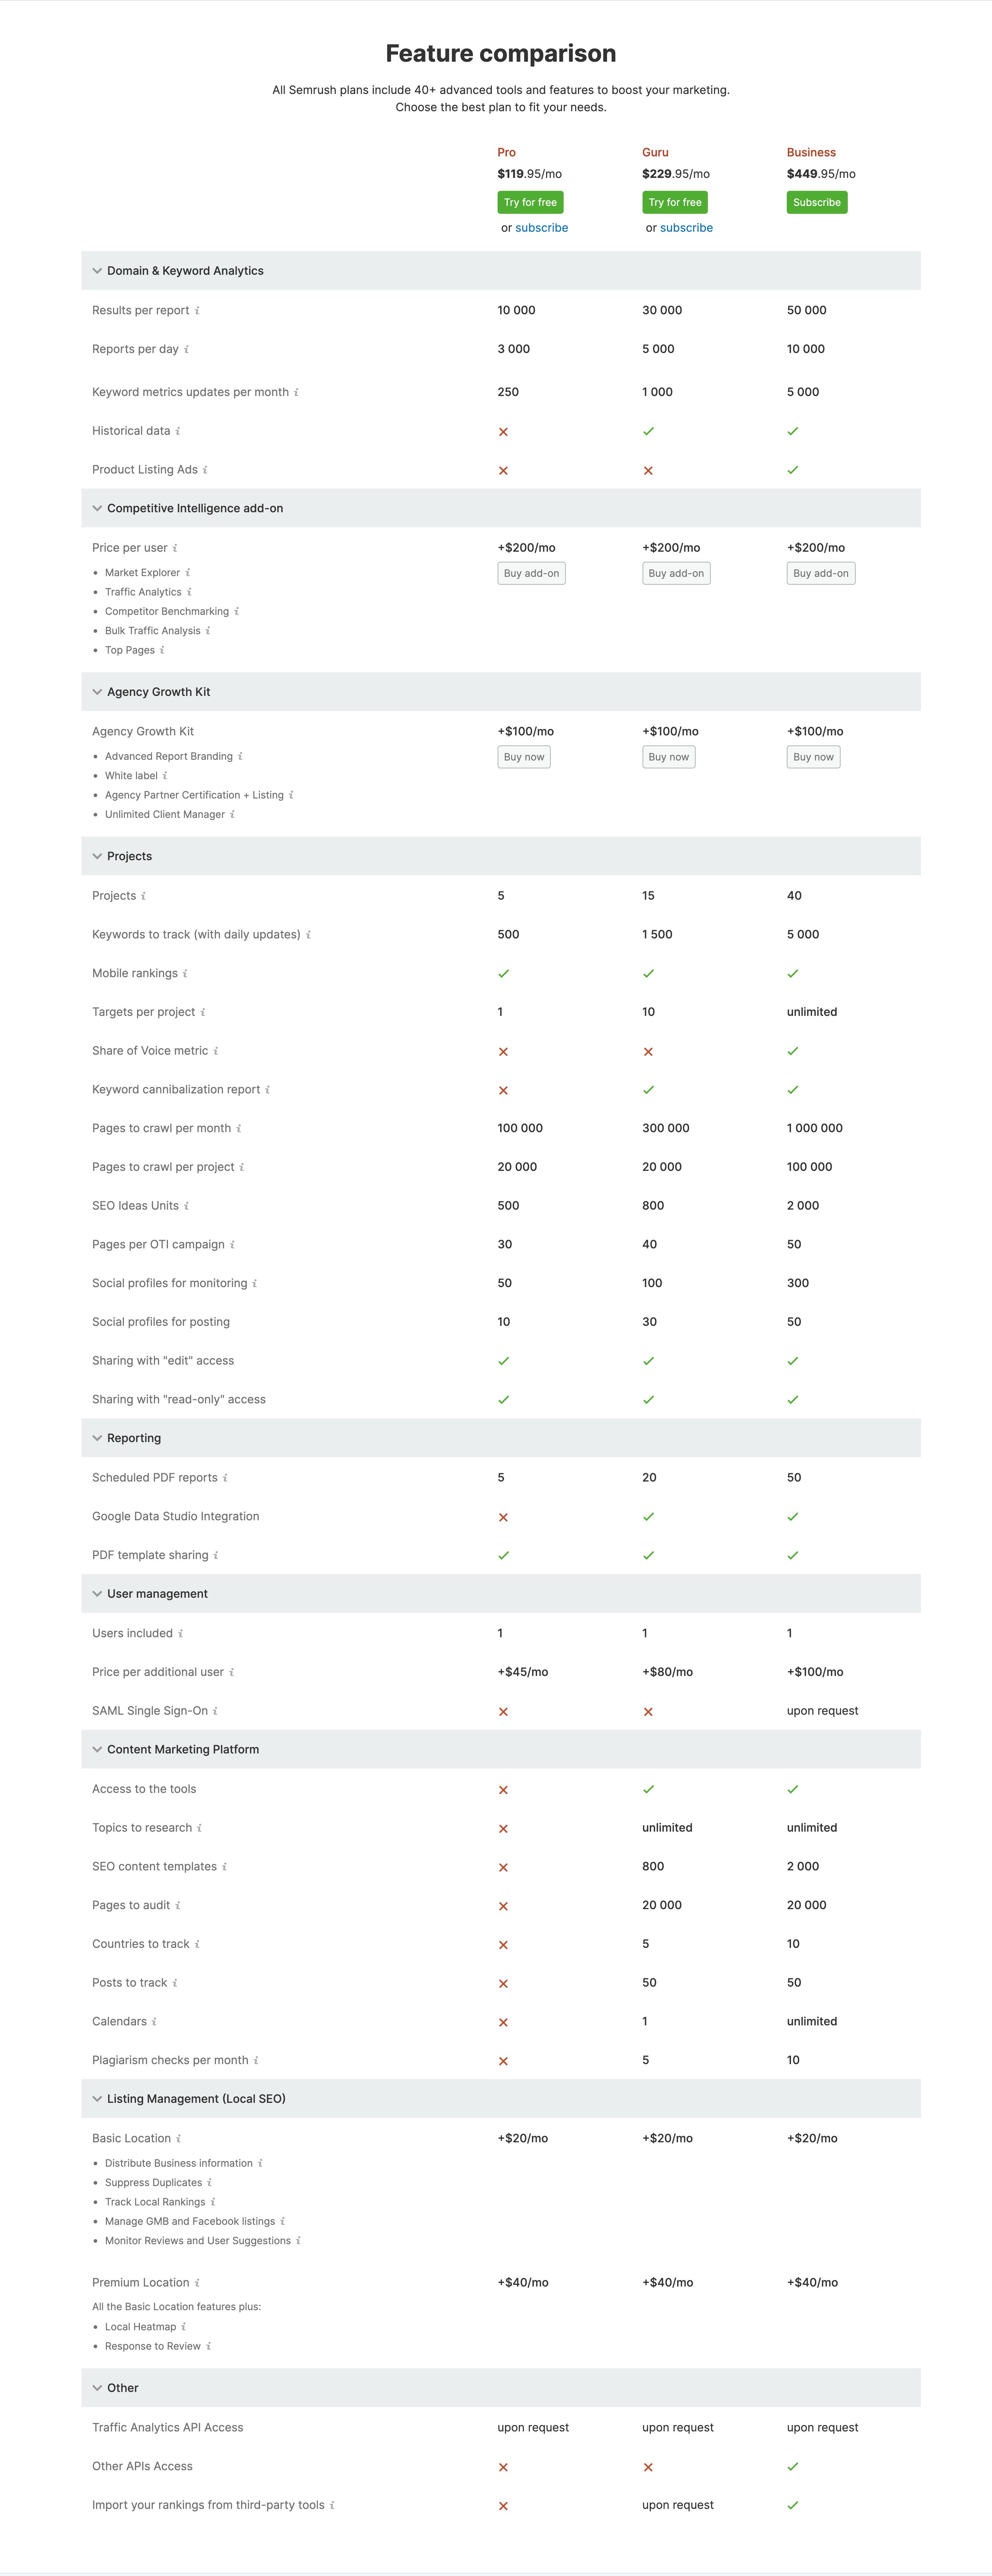 SEMrush Features Comparison